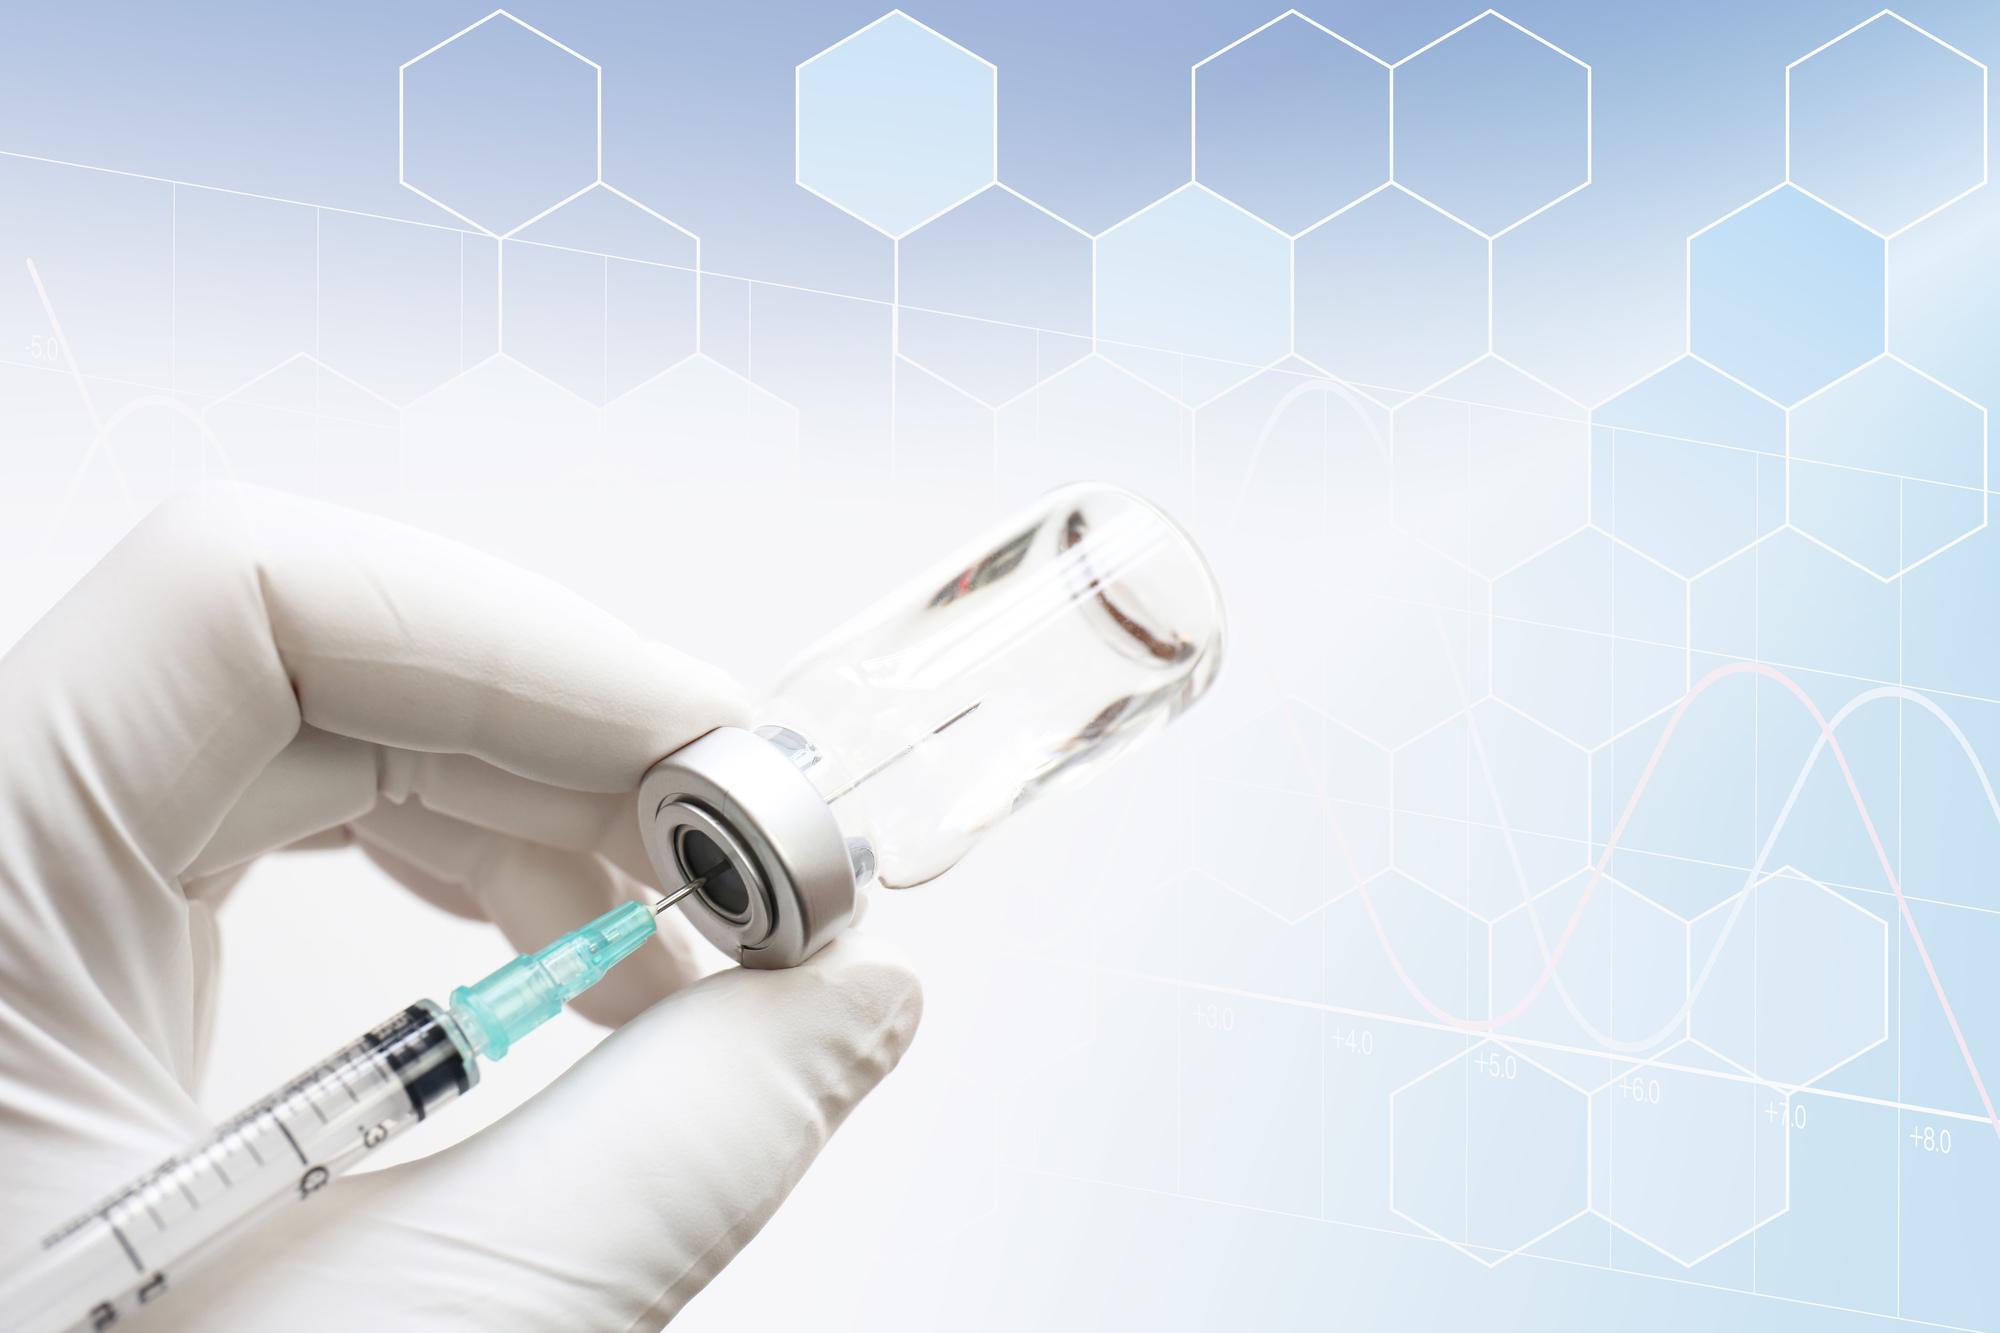 「インフルエンザ ワクチン」の画像検索結果